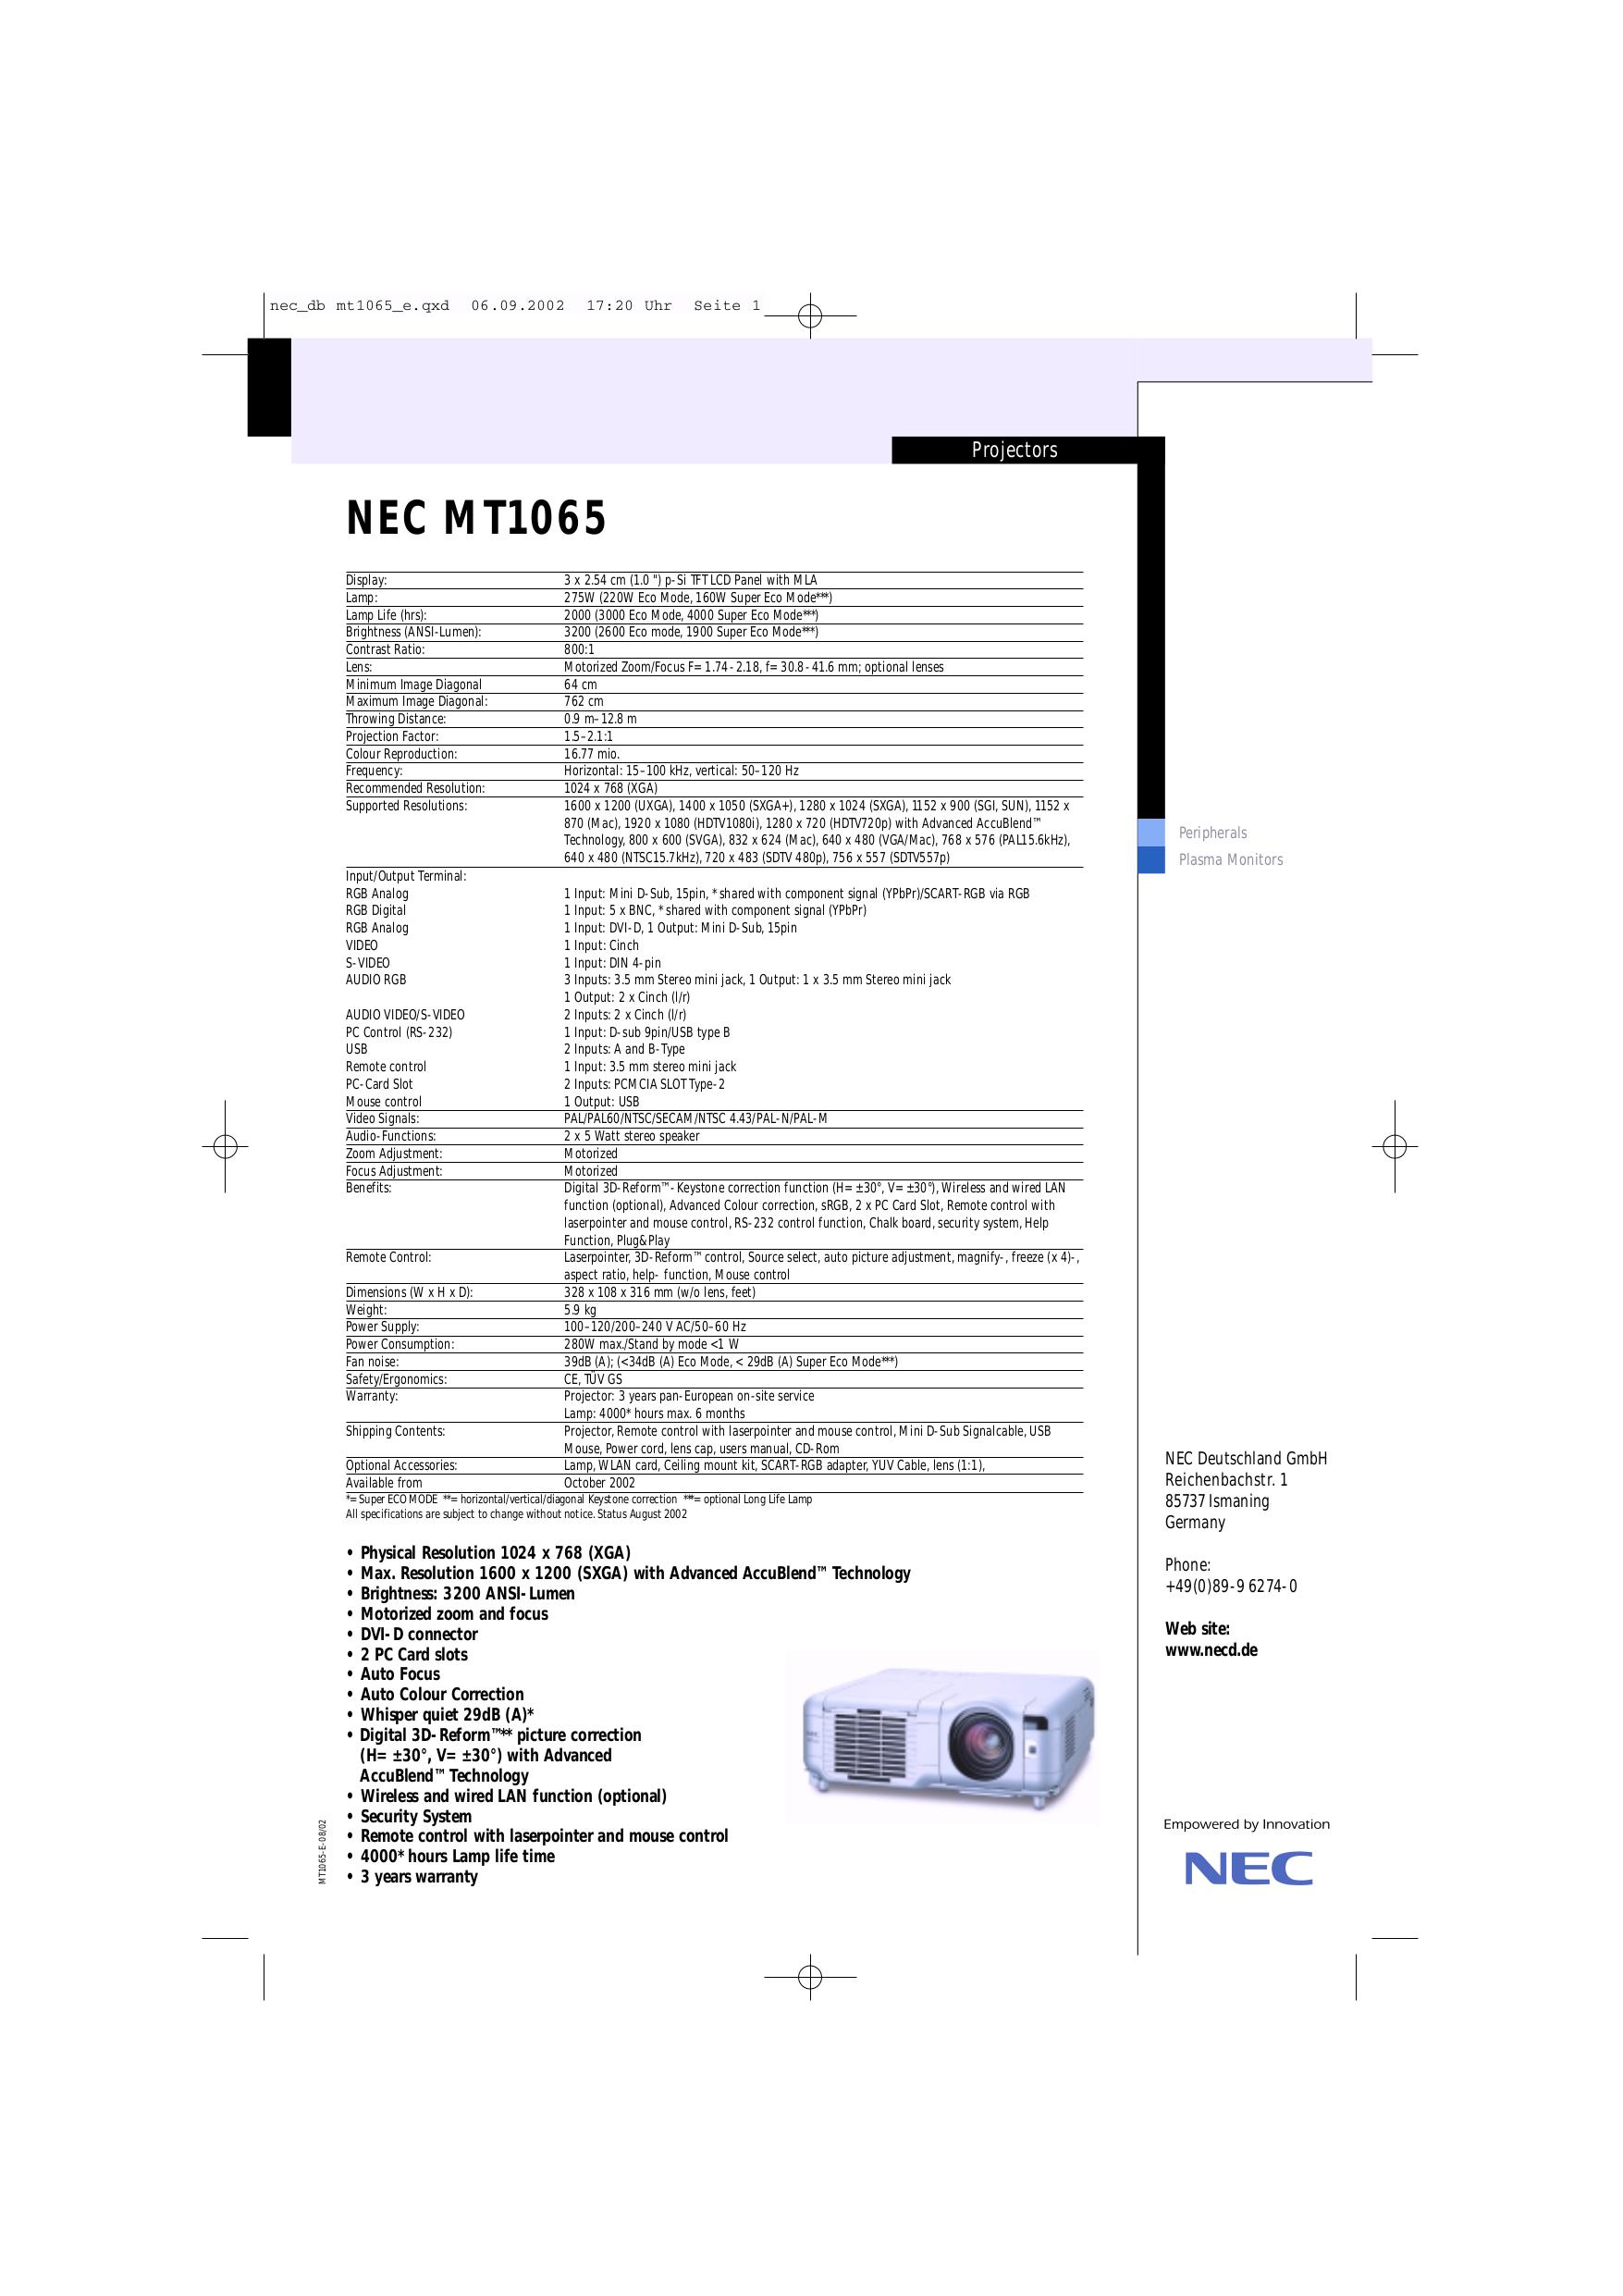 download free pdf for nec mt1065 projector manual rh umlib com Form 1065 K-1 1065 Schedule L